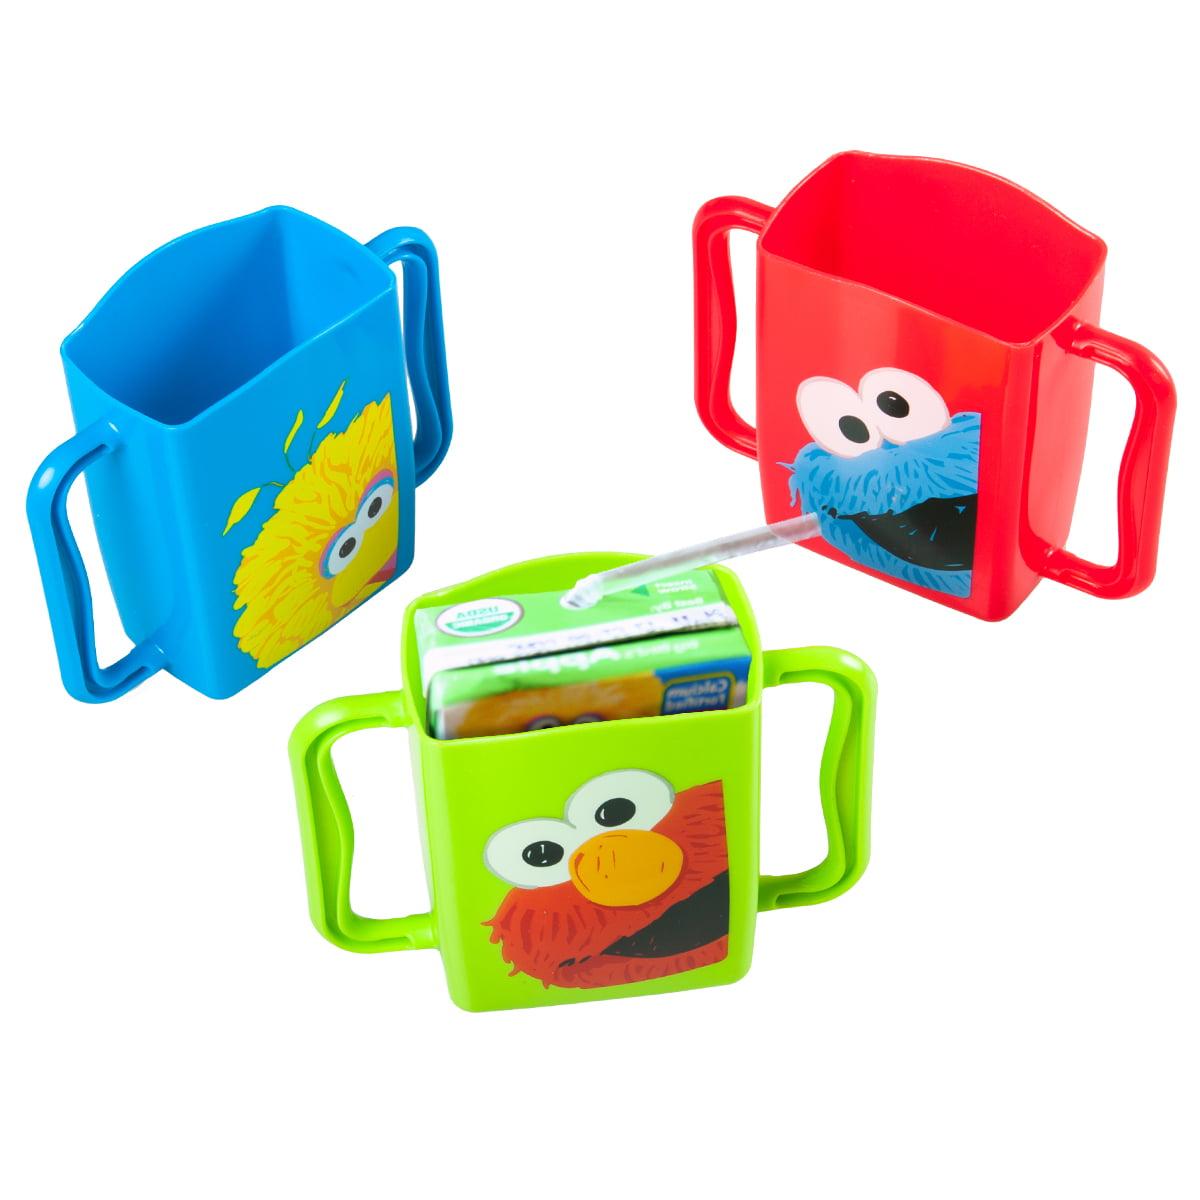 3 Evriholder Sesame Street Juice Box Holders Sippy Cup Drink Mug Handle Baby Kid by Evriholder